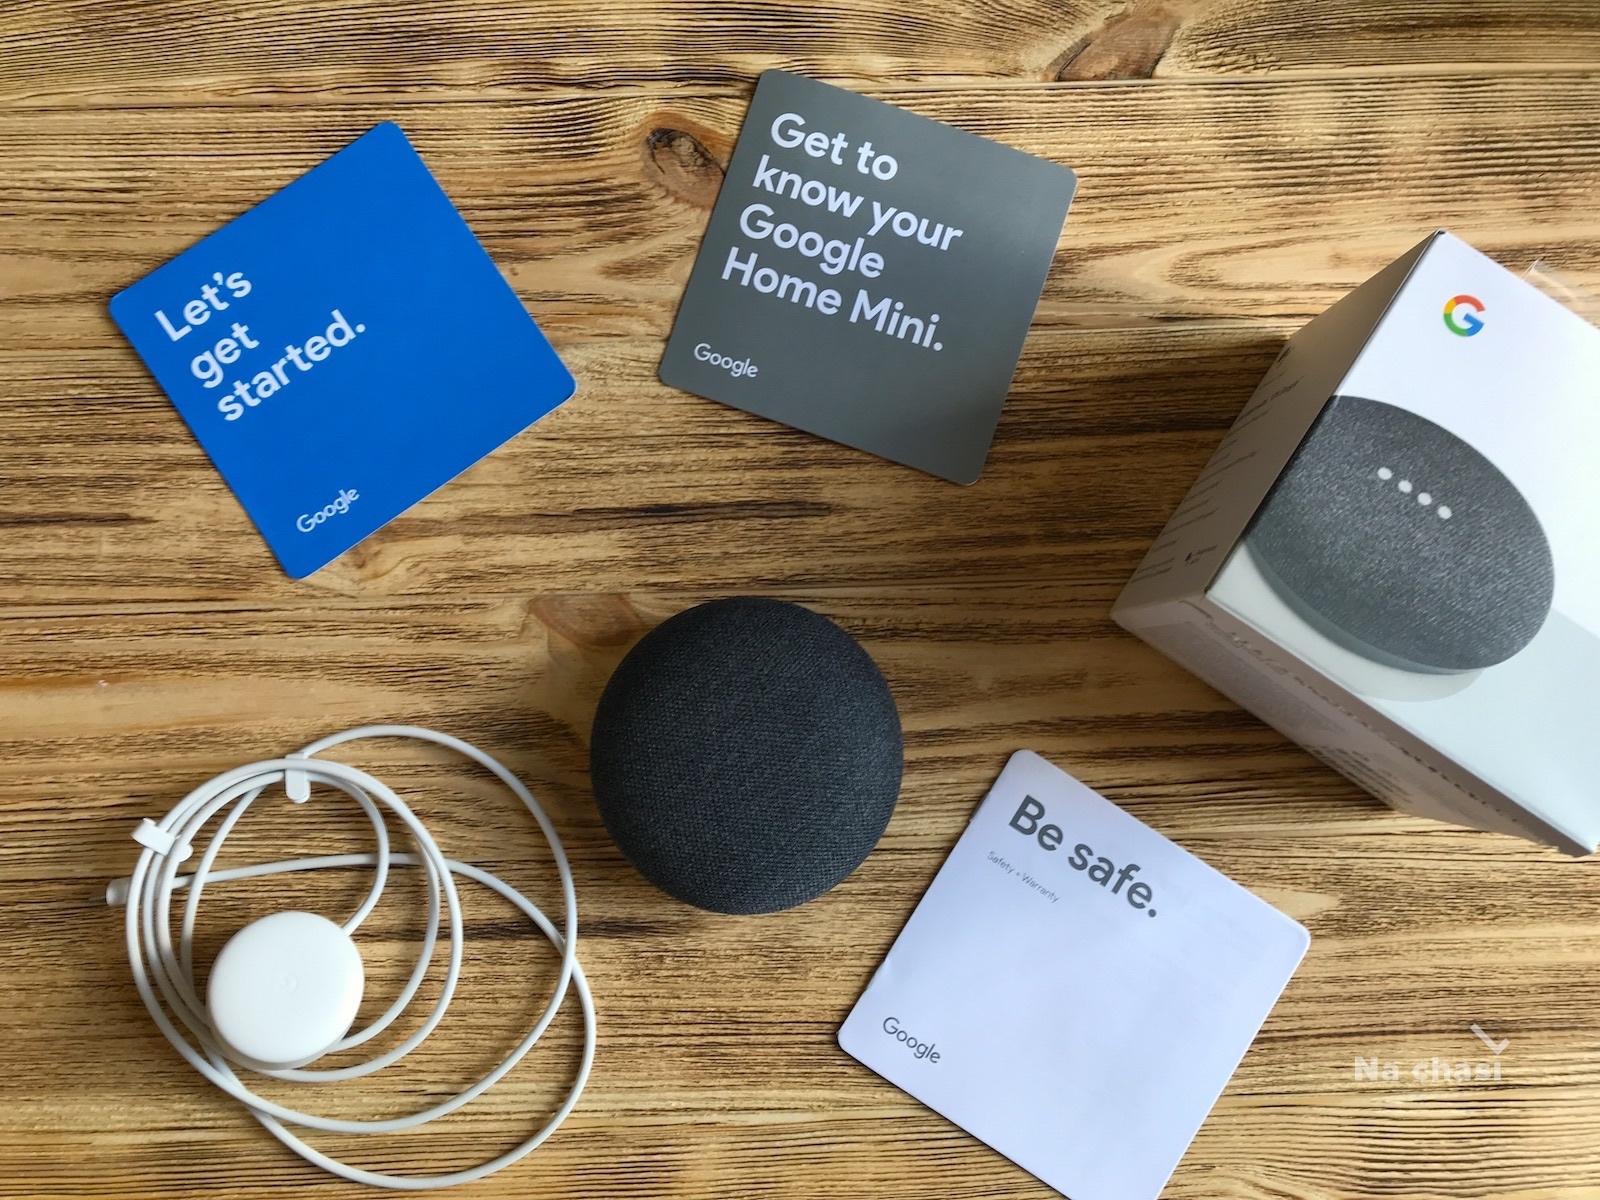 Як Google Home Mini може змінити вашу роботу, дозвілля та сон на краще